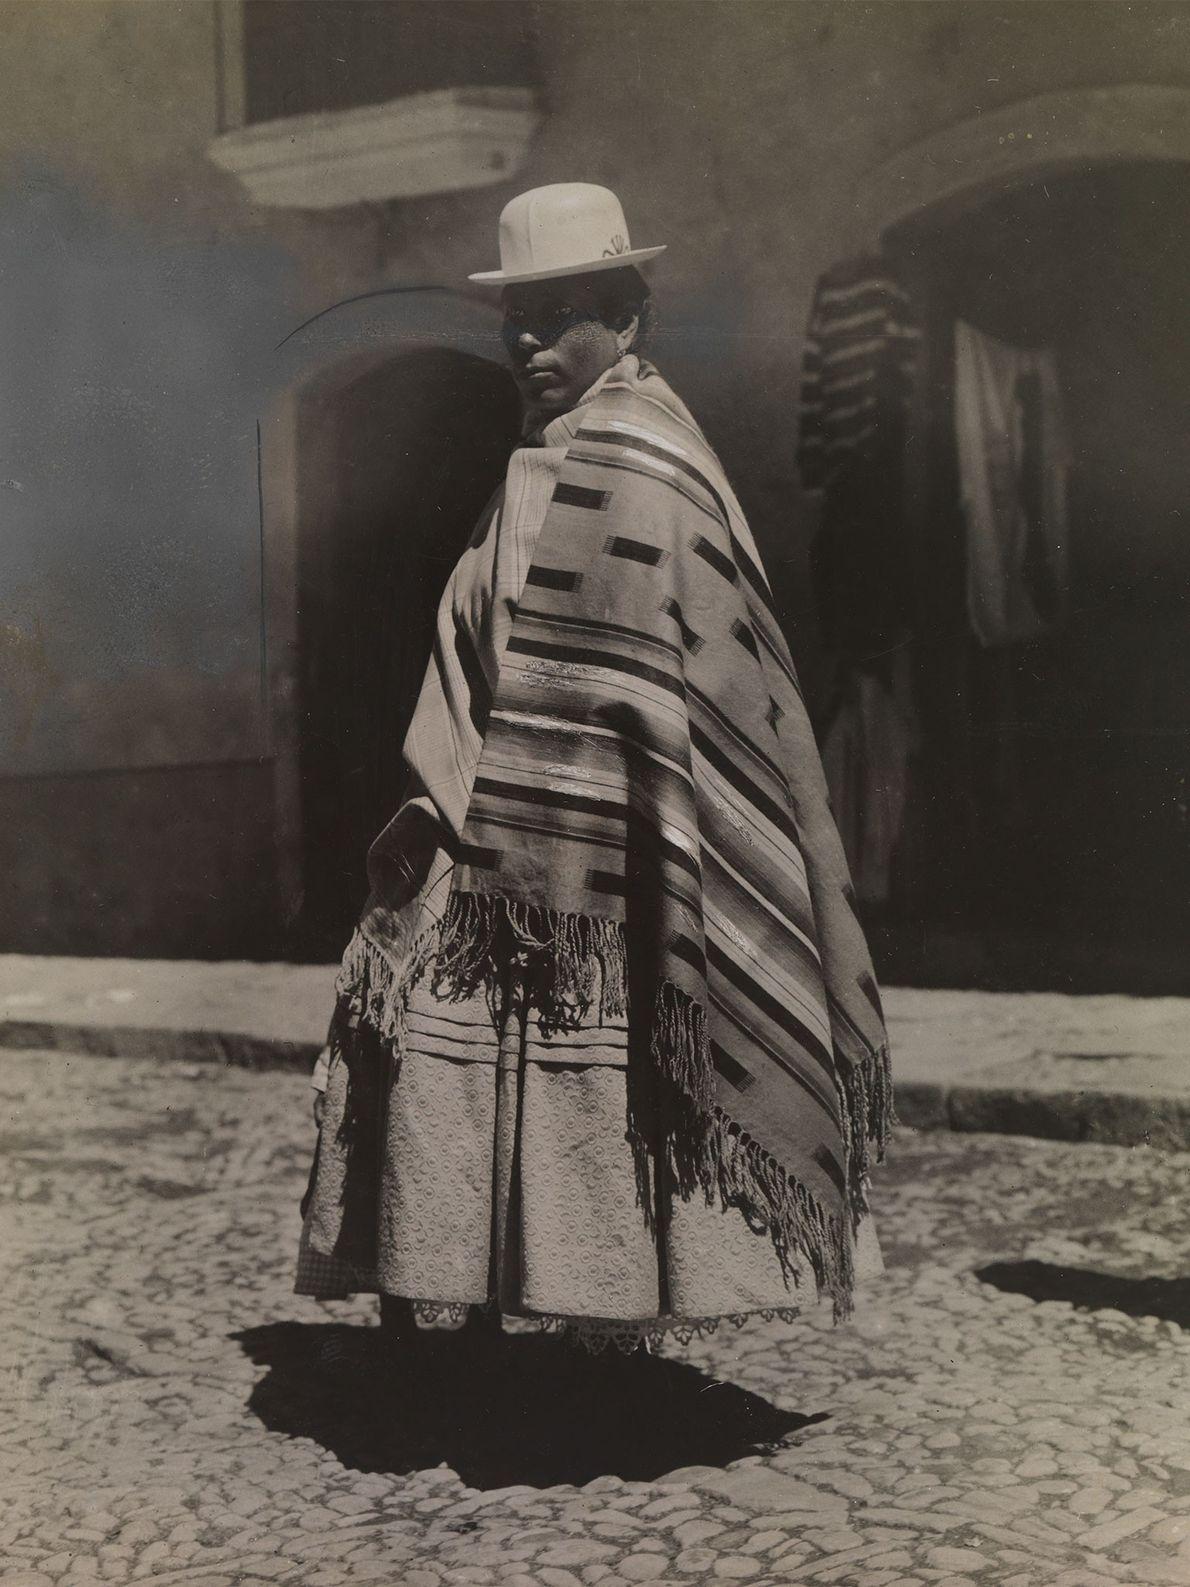 Eine Nachfahrin europäischer und indigener Bewohner Südamerikas trägt einen weißen Hut, der an eine Melone erinnert ...